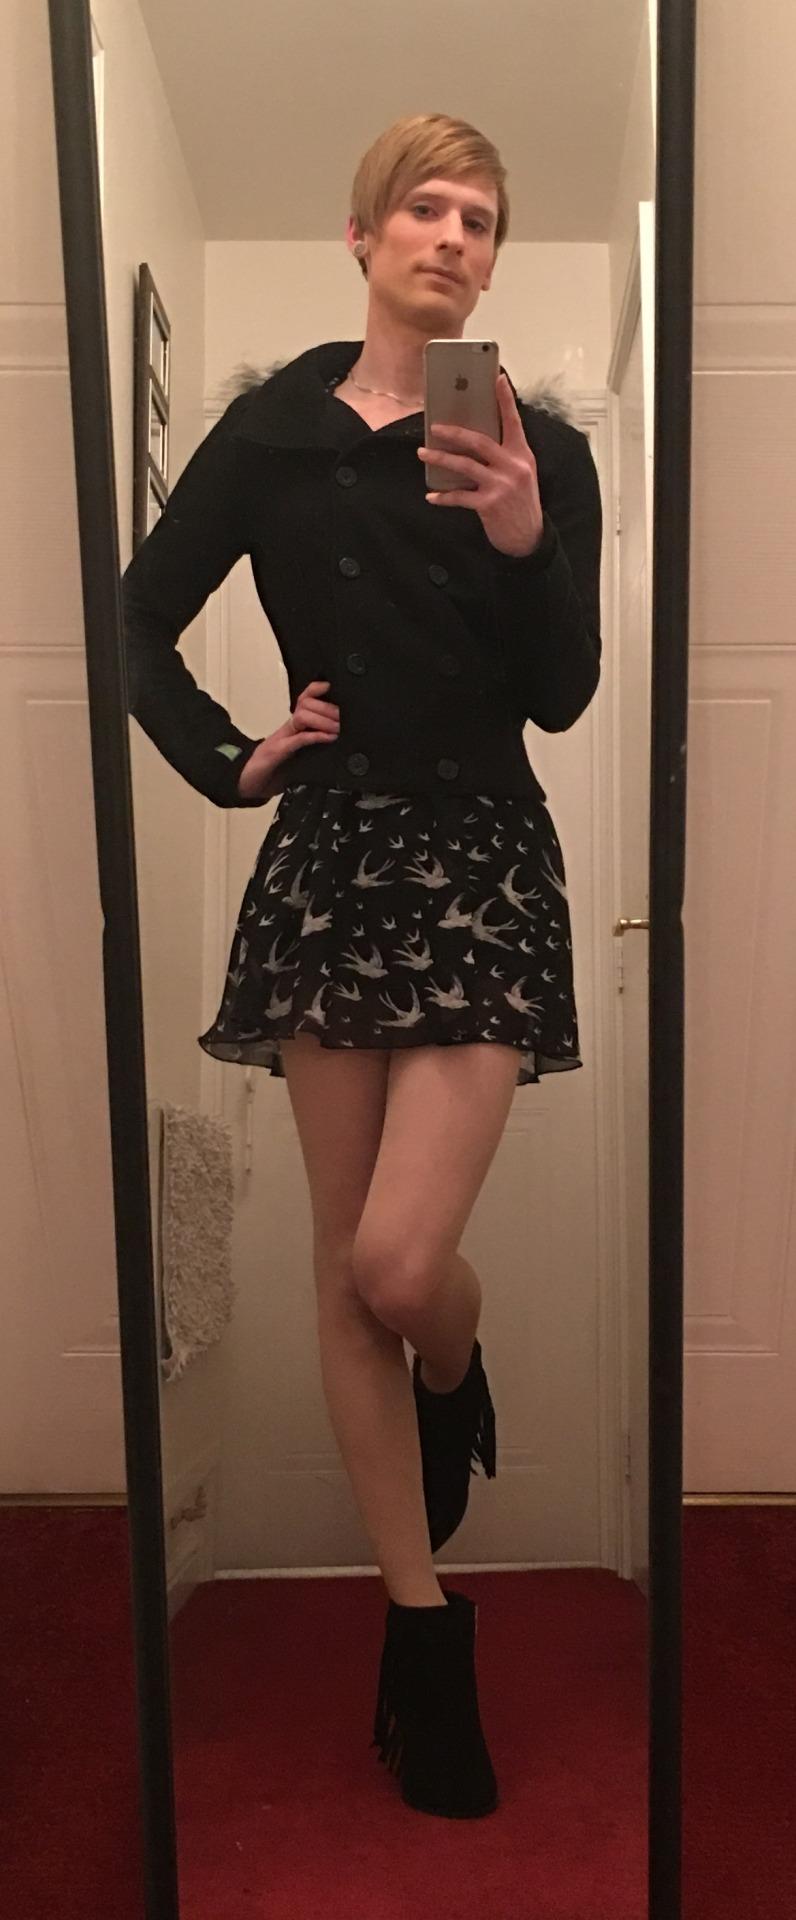 Sexy ass girls with short hair